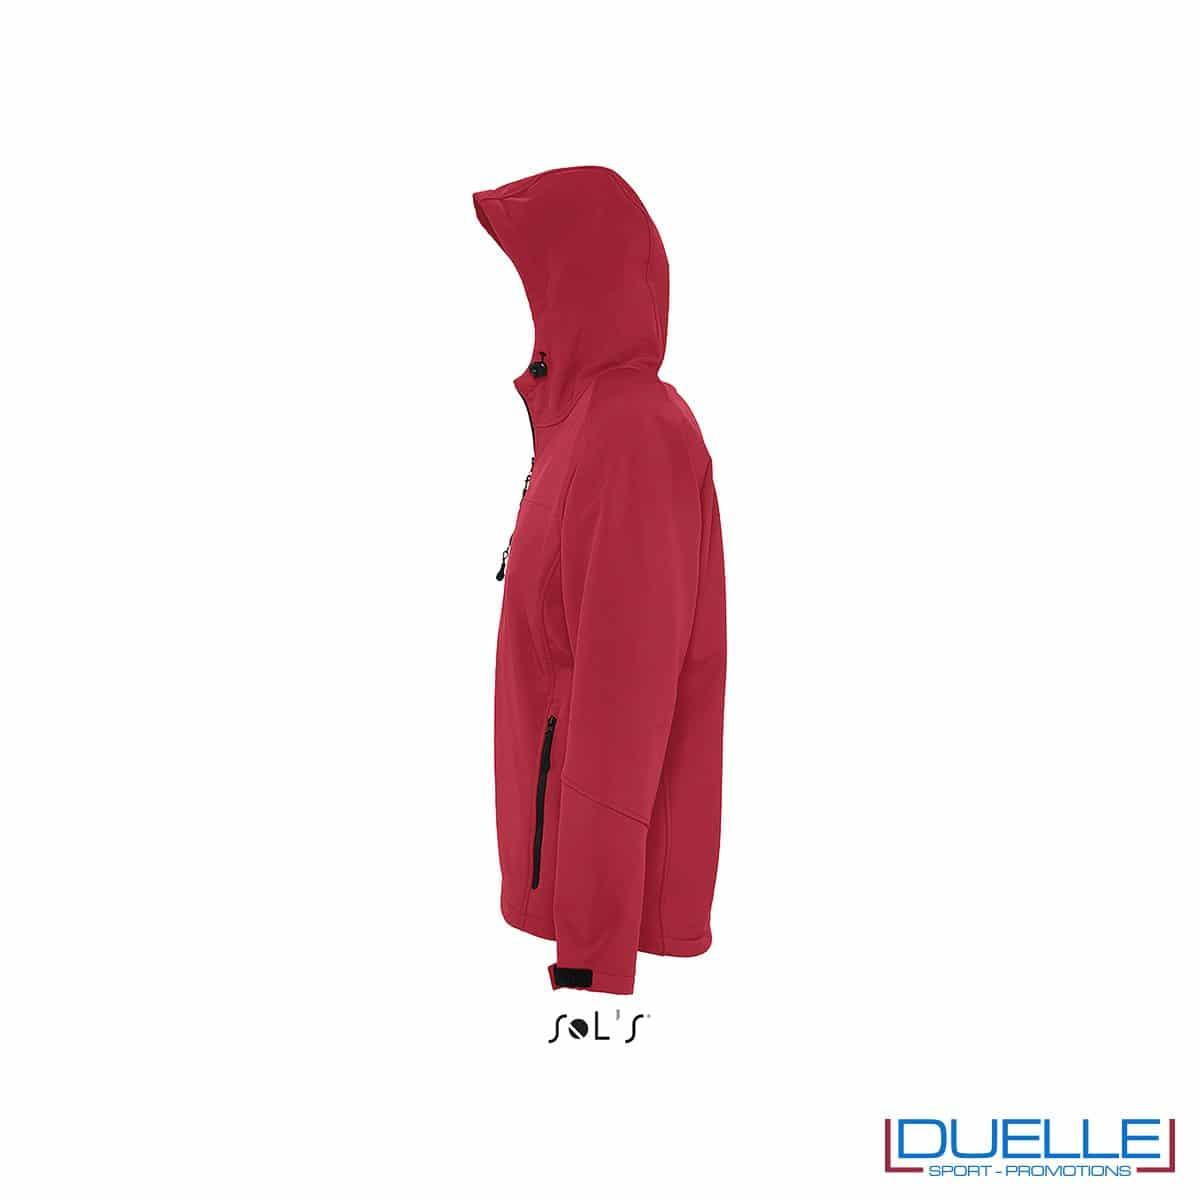 foto laterale di giacca softshell personalizzata in colore rosso, foto laterale di giubbotti softshell personalizzati